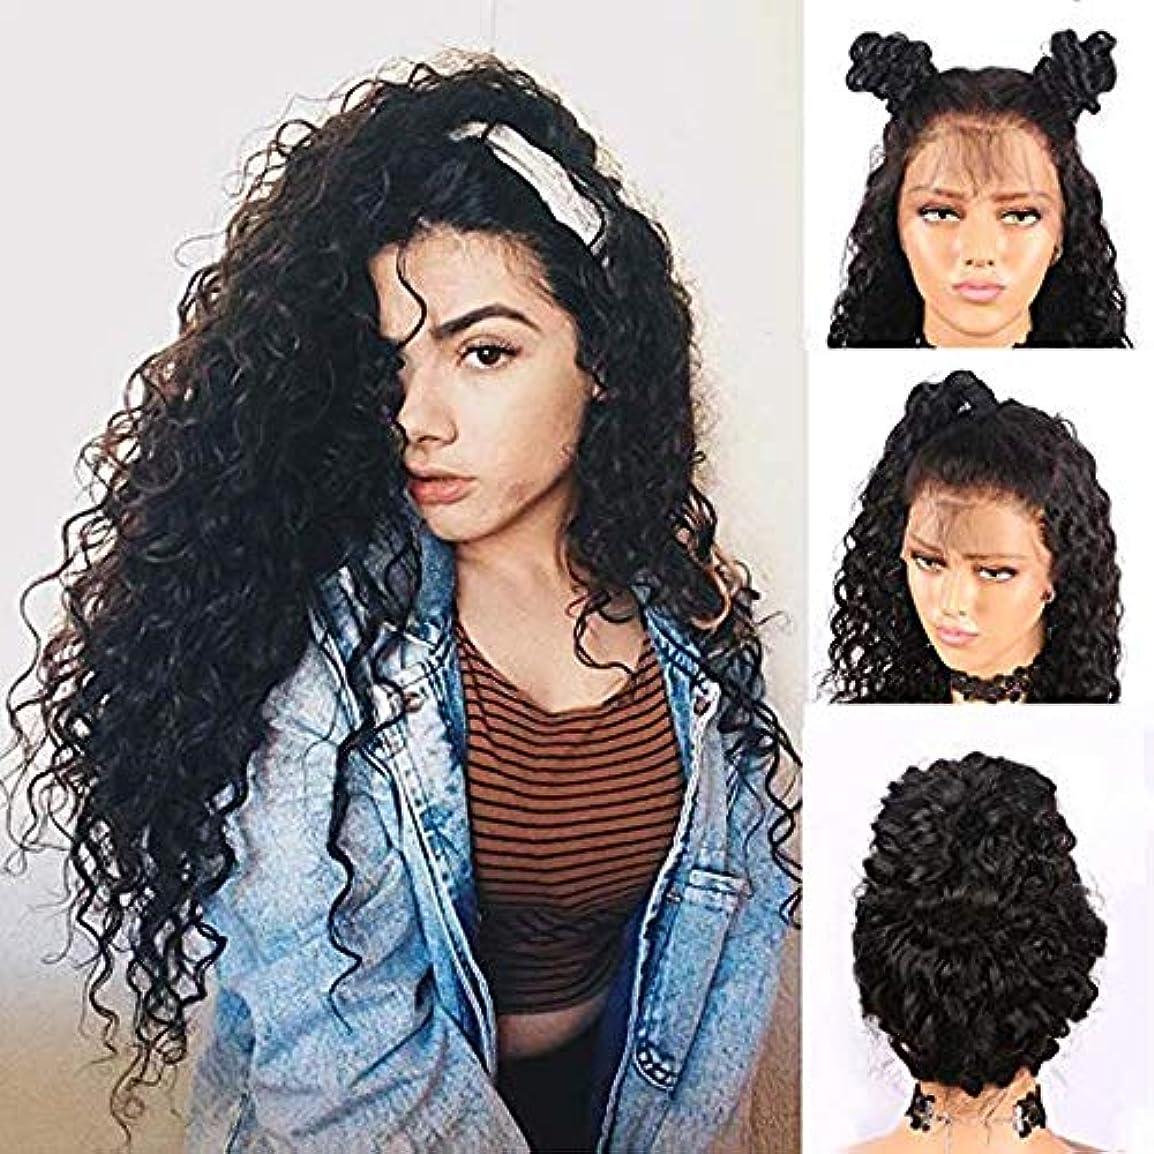 狂人抑制する角度女性のためのフロントレースロングカーリーウィッグアフロブラック人工毛サイドパートウィッグ無料かつらキャップ付き26%密度(26インチ)